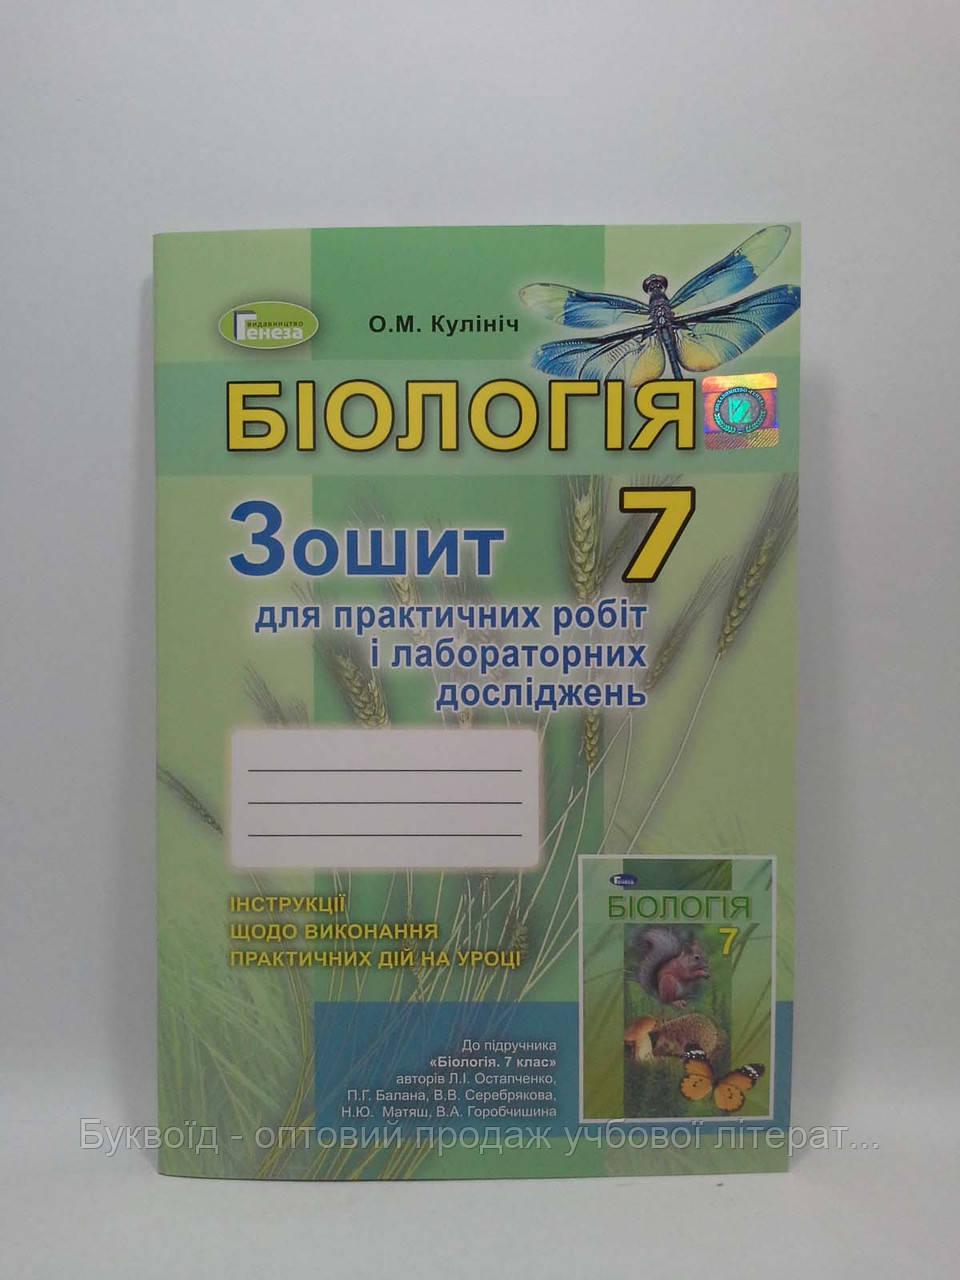 Біологія 7 клас Зошит для практичних робіт і лабораторних досліджень Кулініч Генеза ISBN 978-966-11-0637-5